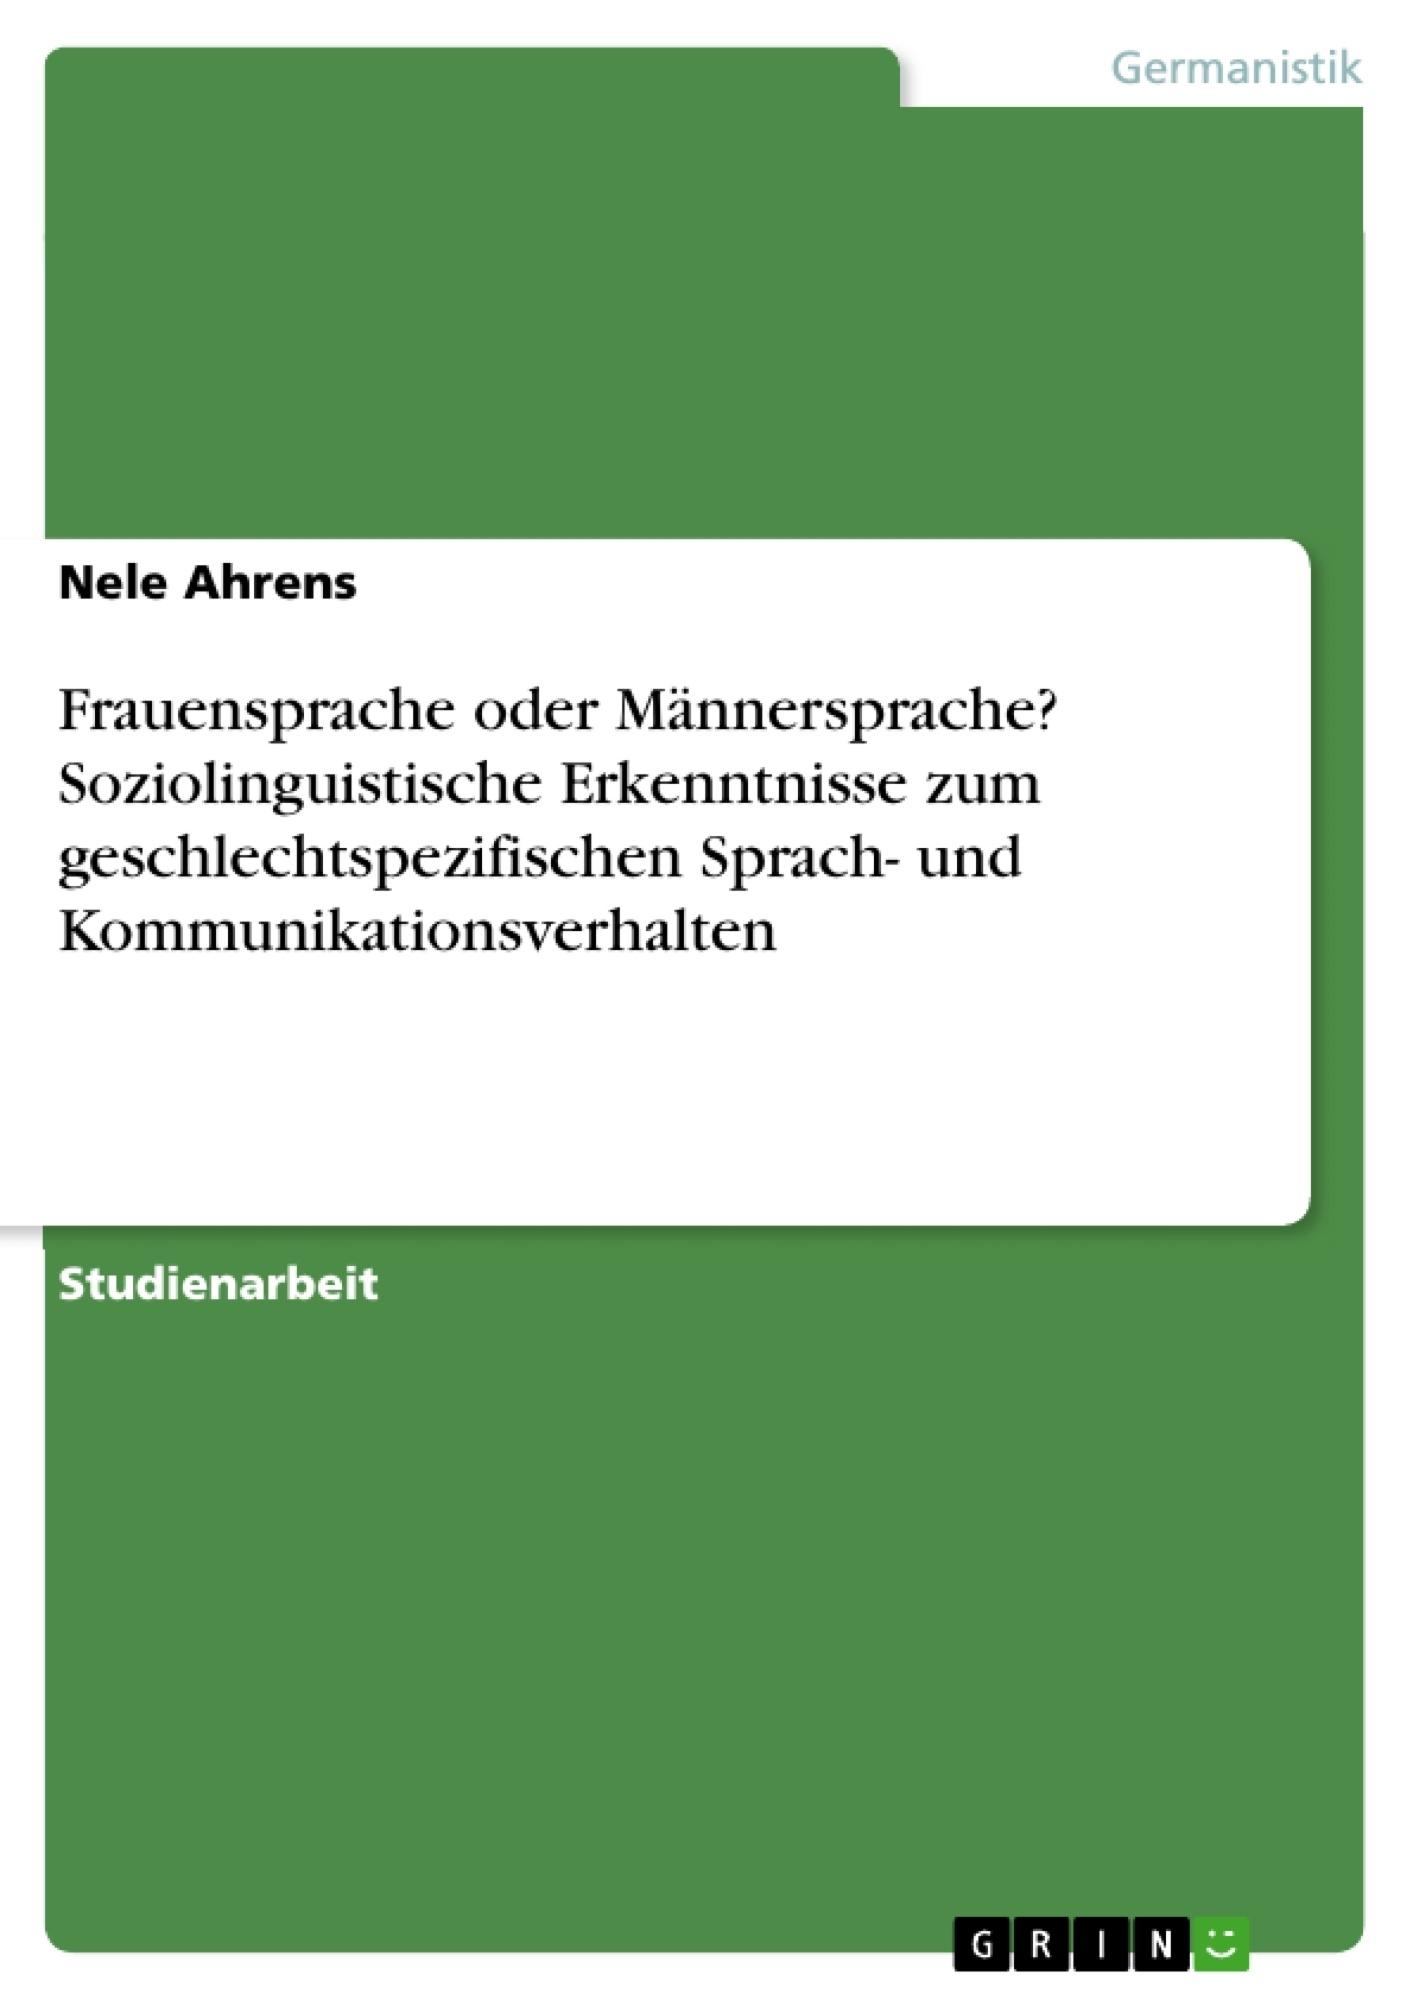 Titel: Frauensprache oder Männersprache? Soziolinguistische Erkenntnisse zum geschlechtspezifischen Sprach- und Kommunikationsverhalten